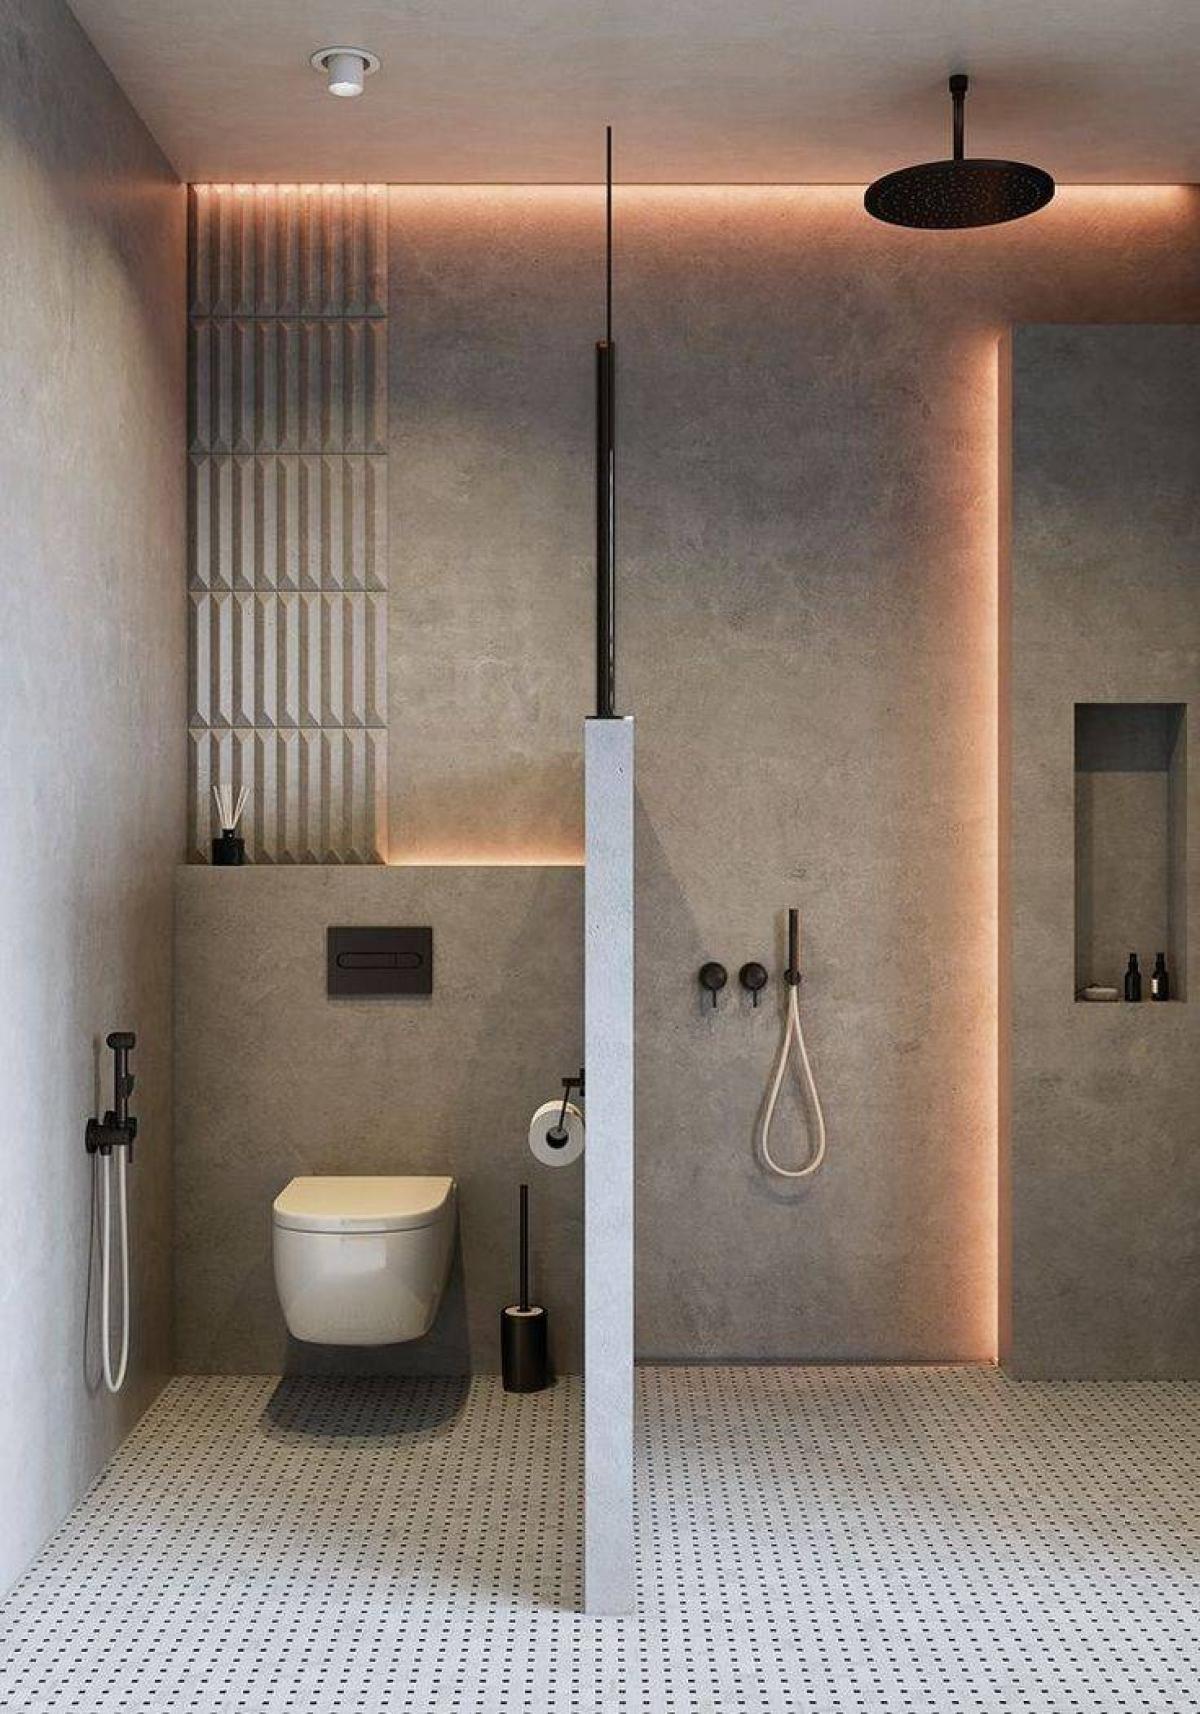 Ánh sáng không chỉ để chiếu sáng mà còn giúp tăng thêm vẻ đẹp cho không gian. Hãy cân nhắc mua các thiết bị chiếu sáng ít tiền hơn để có thể tôn lên vẻ đẹp của phòng tắm của bạn mà tiết kiệm ngân sách tối đa nhất.